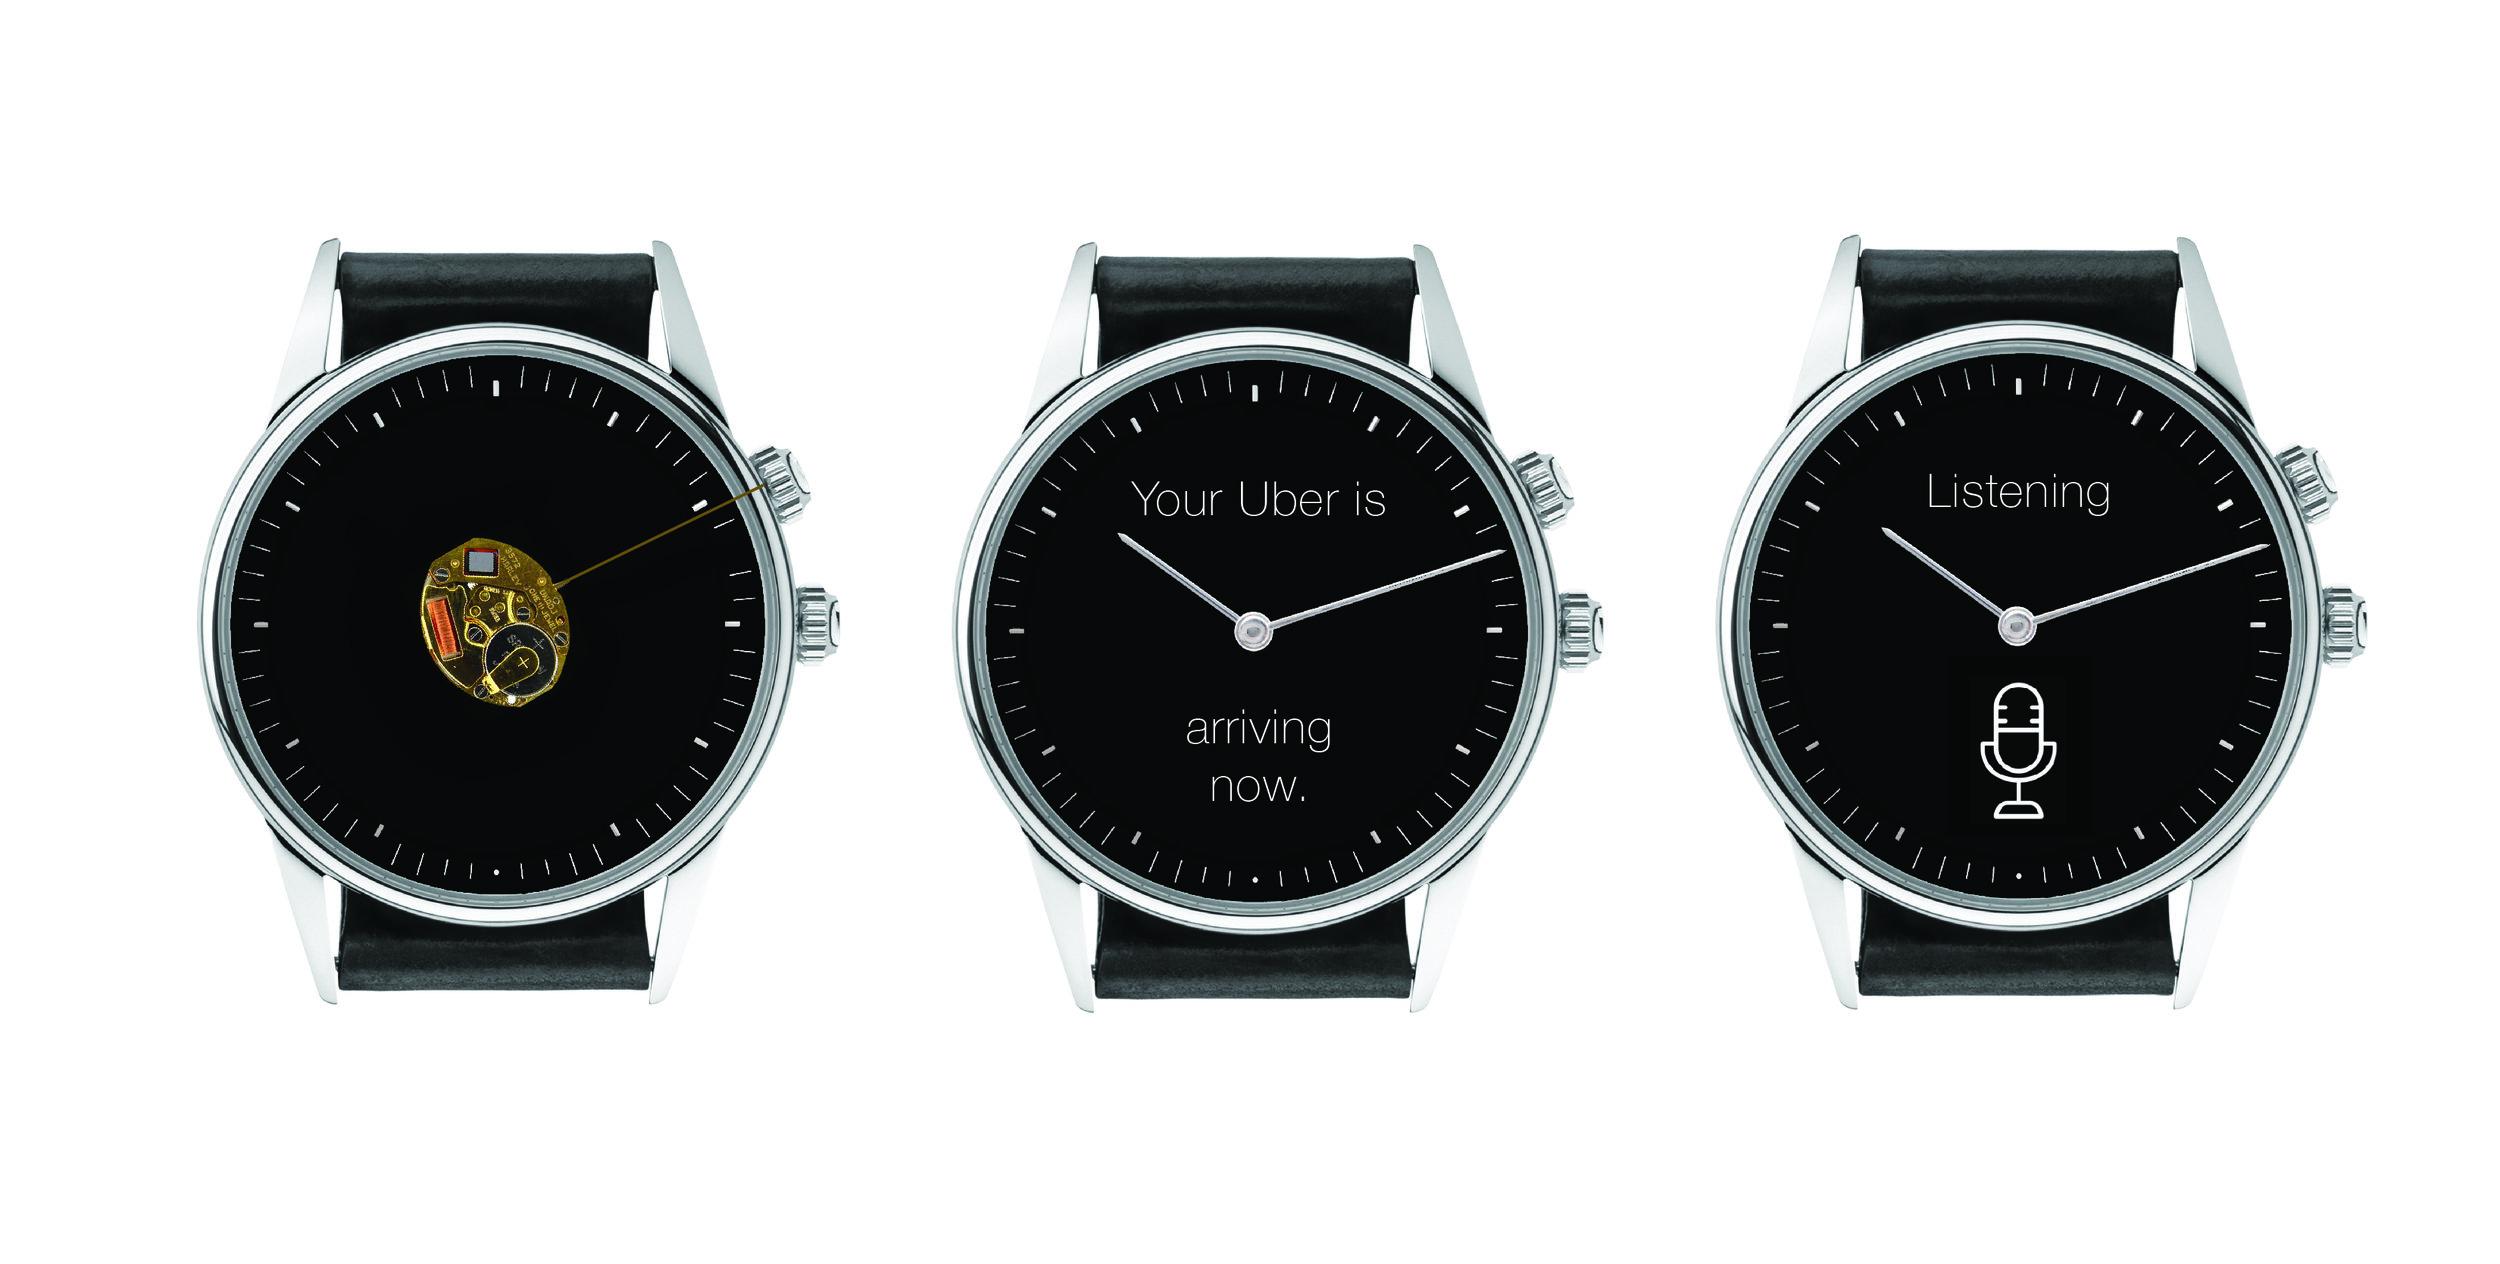 MVP 2 - JURA BETA - Three essential features: 1) Analog quartz clock 2) Push notifications 3) Voice dictation